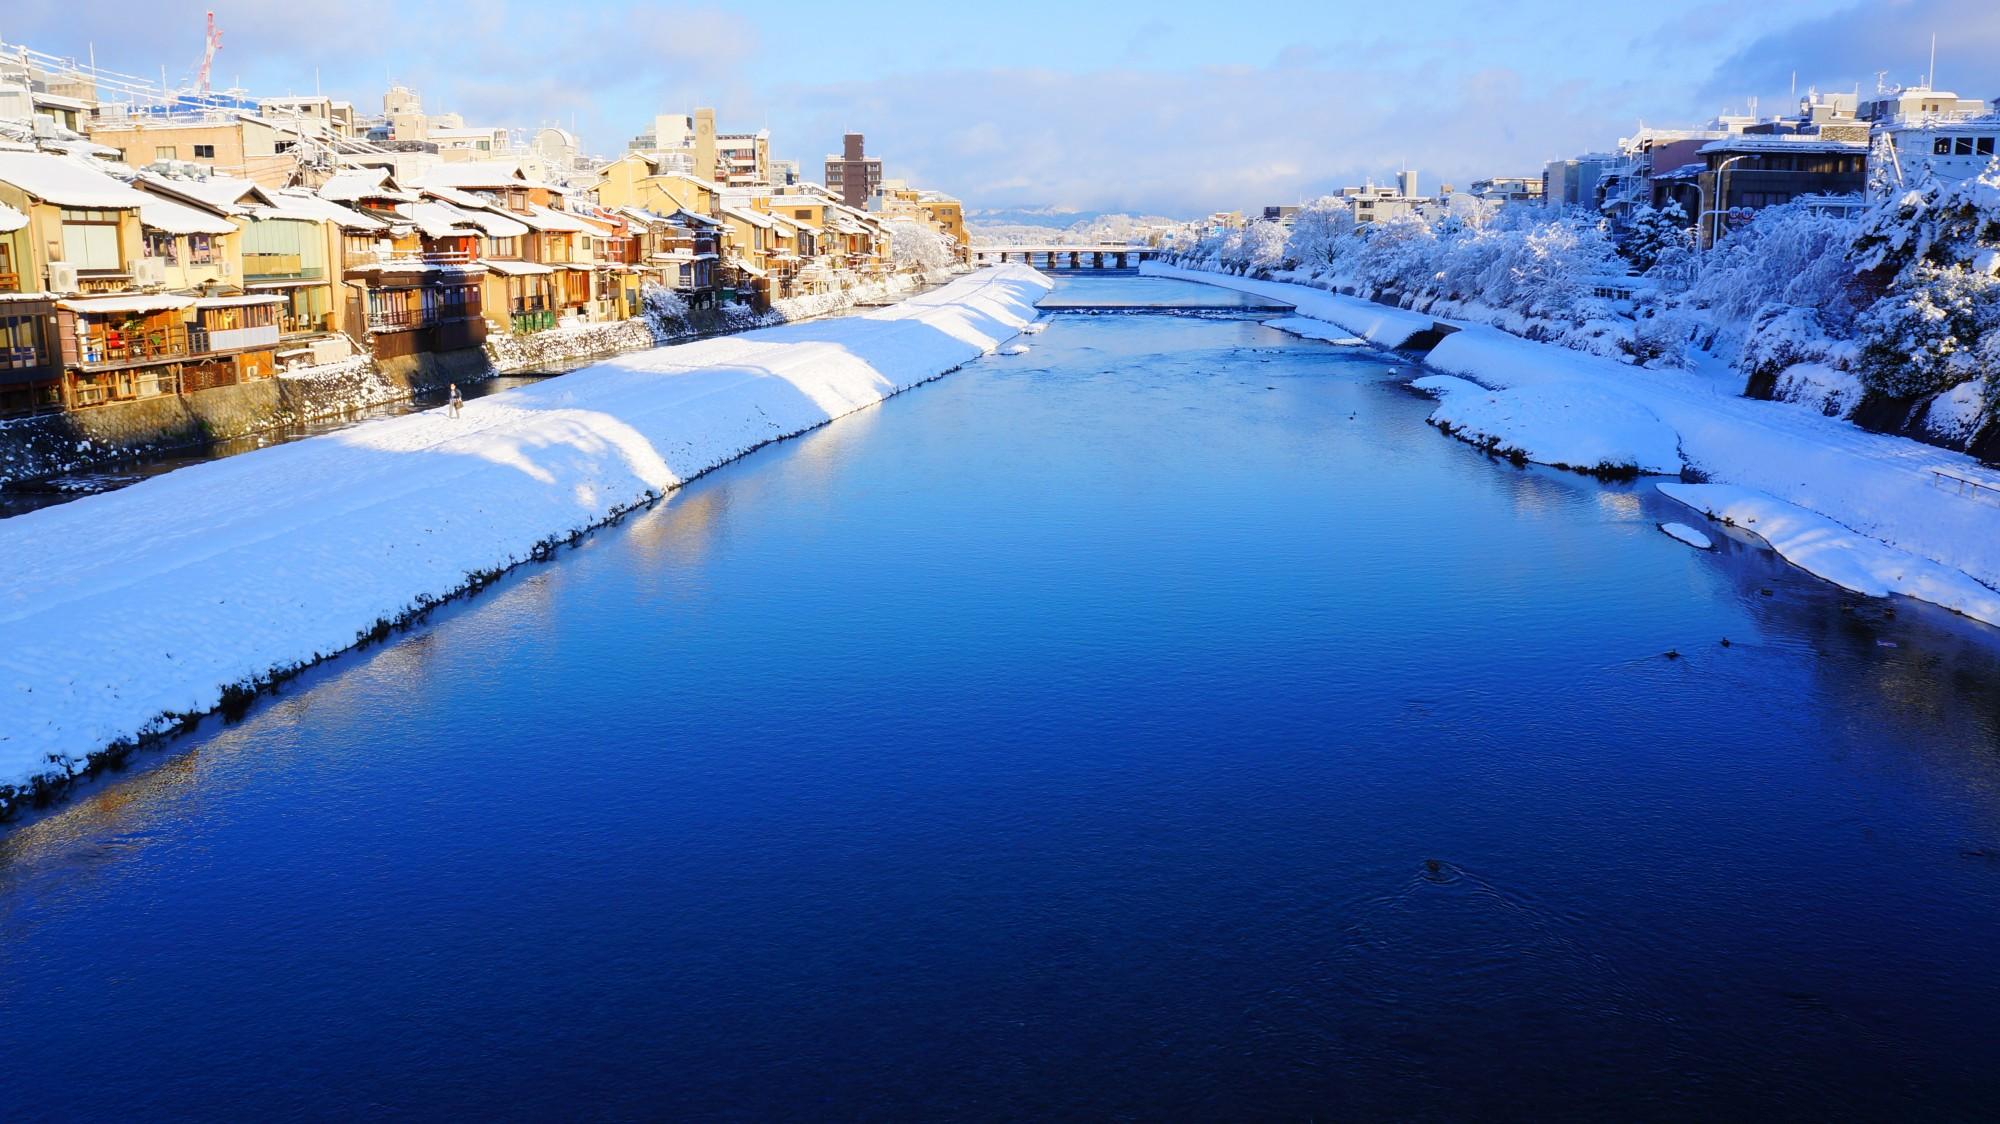 鴨川 雪景色 美しすぎる雪で輝く川面と水鏡